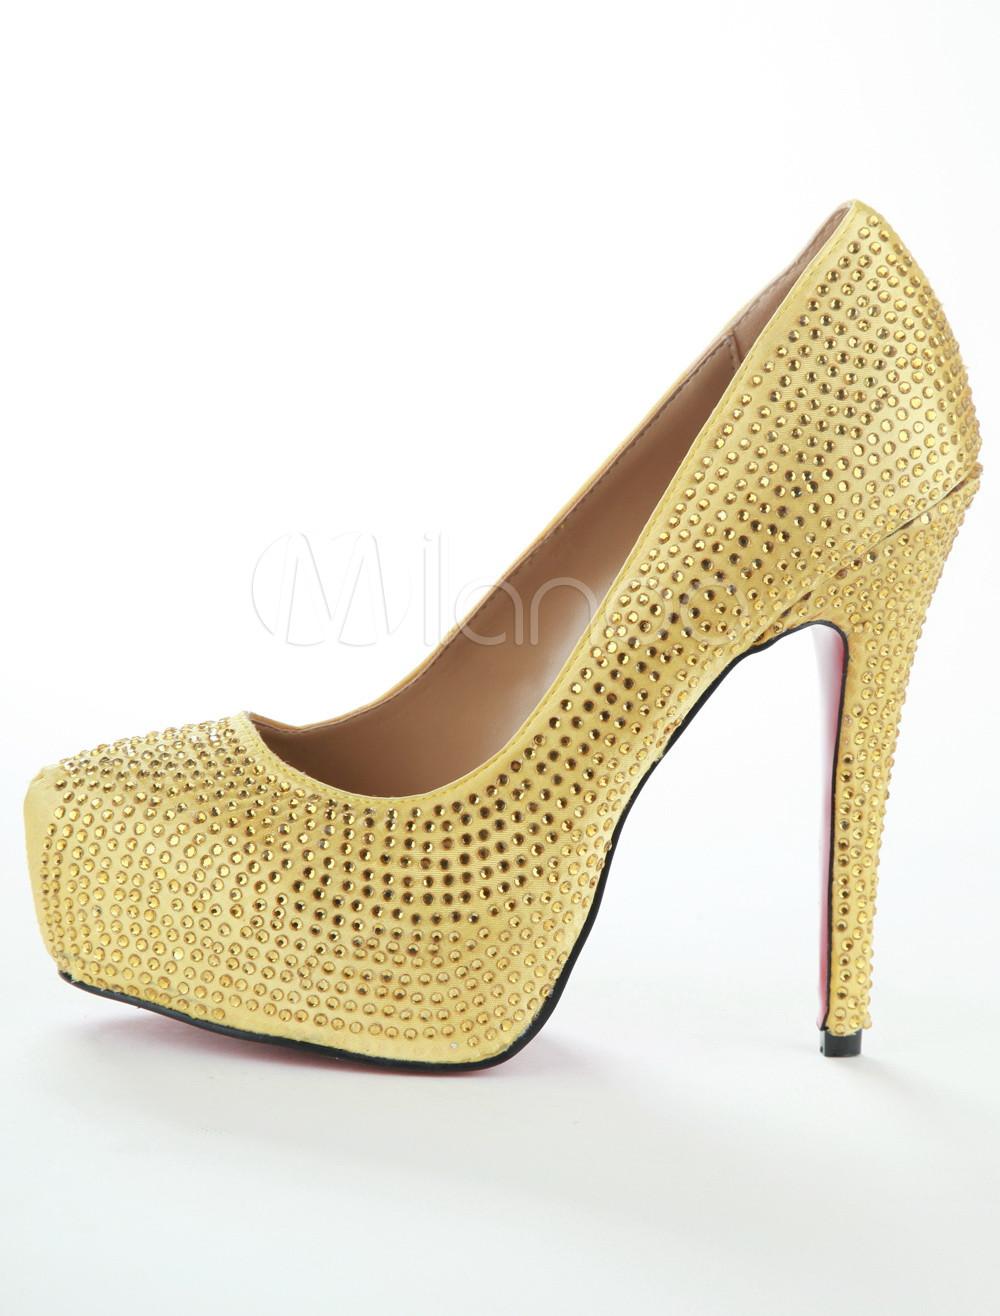 Platform Shoes No Heel